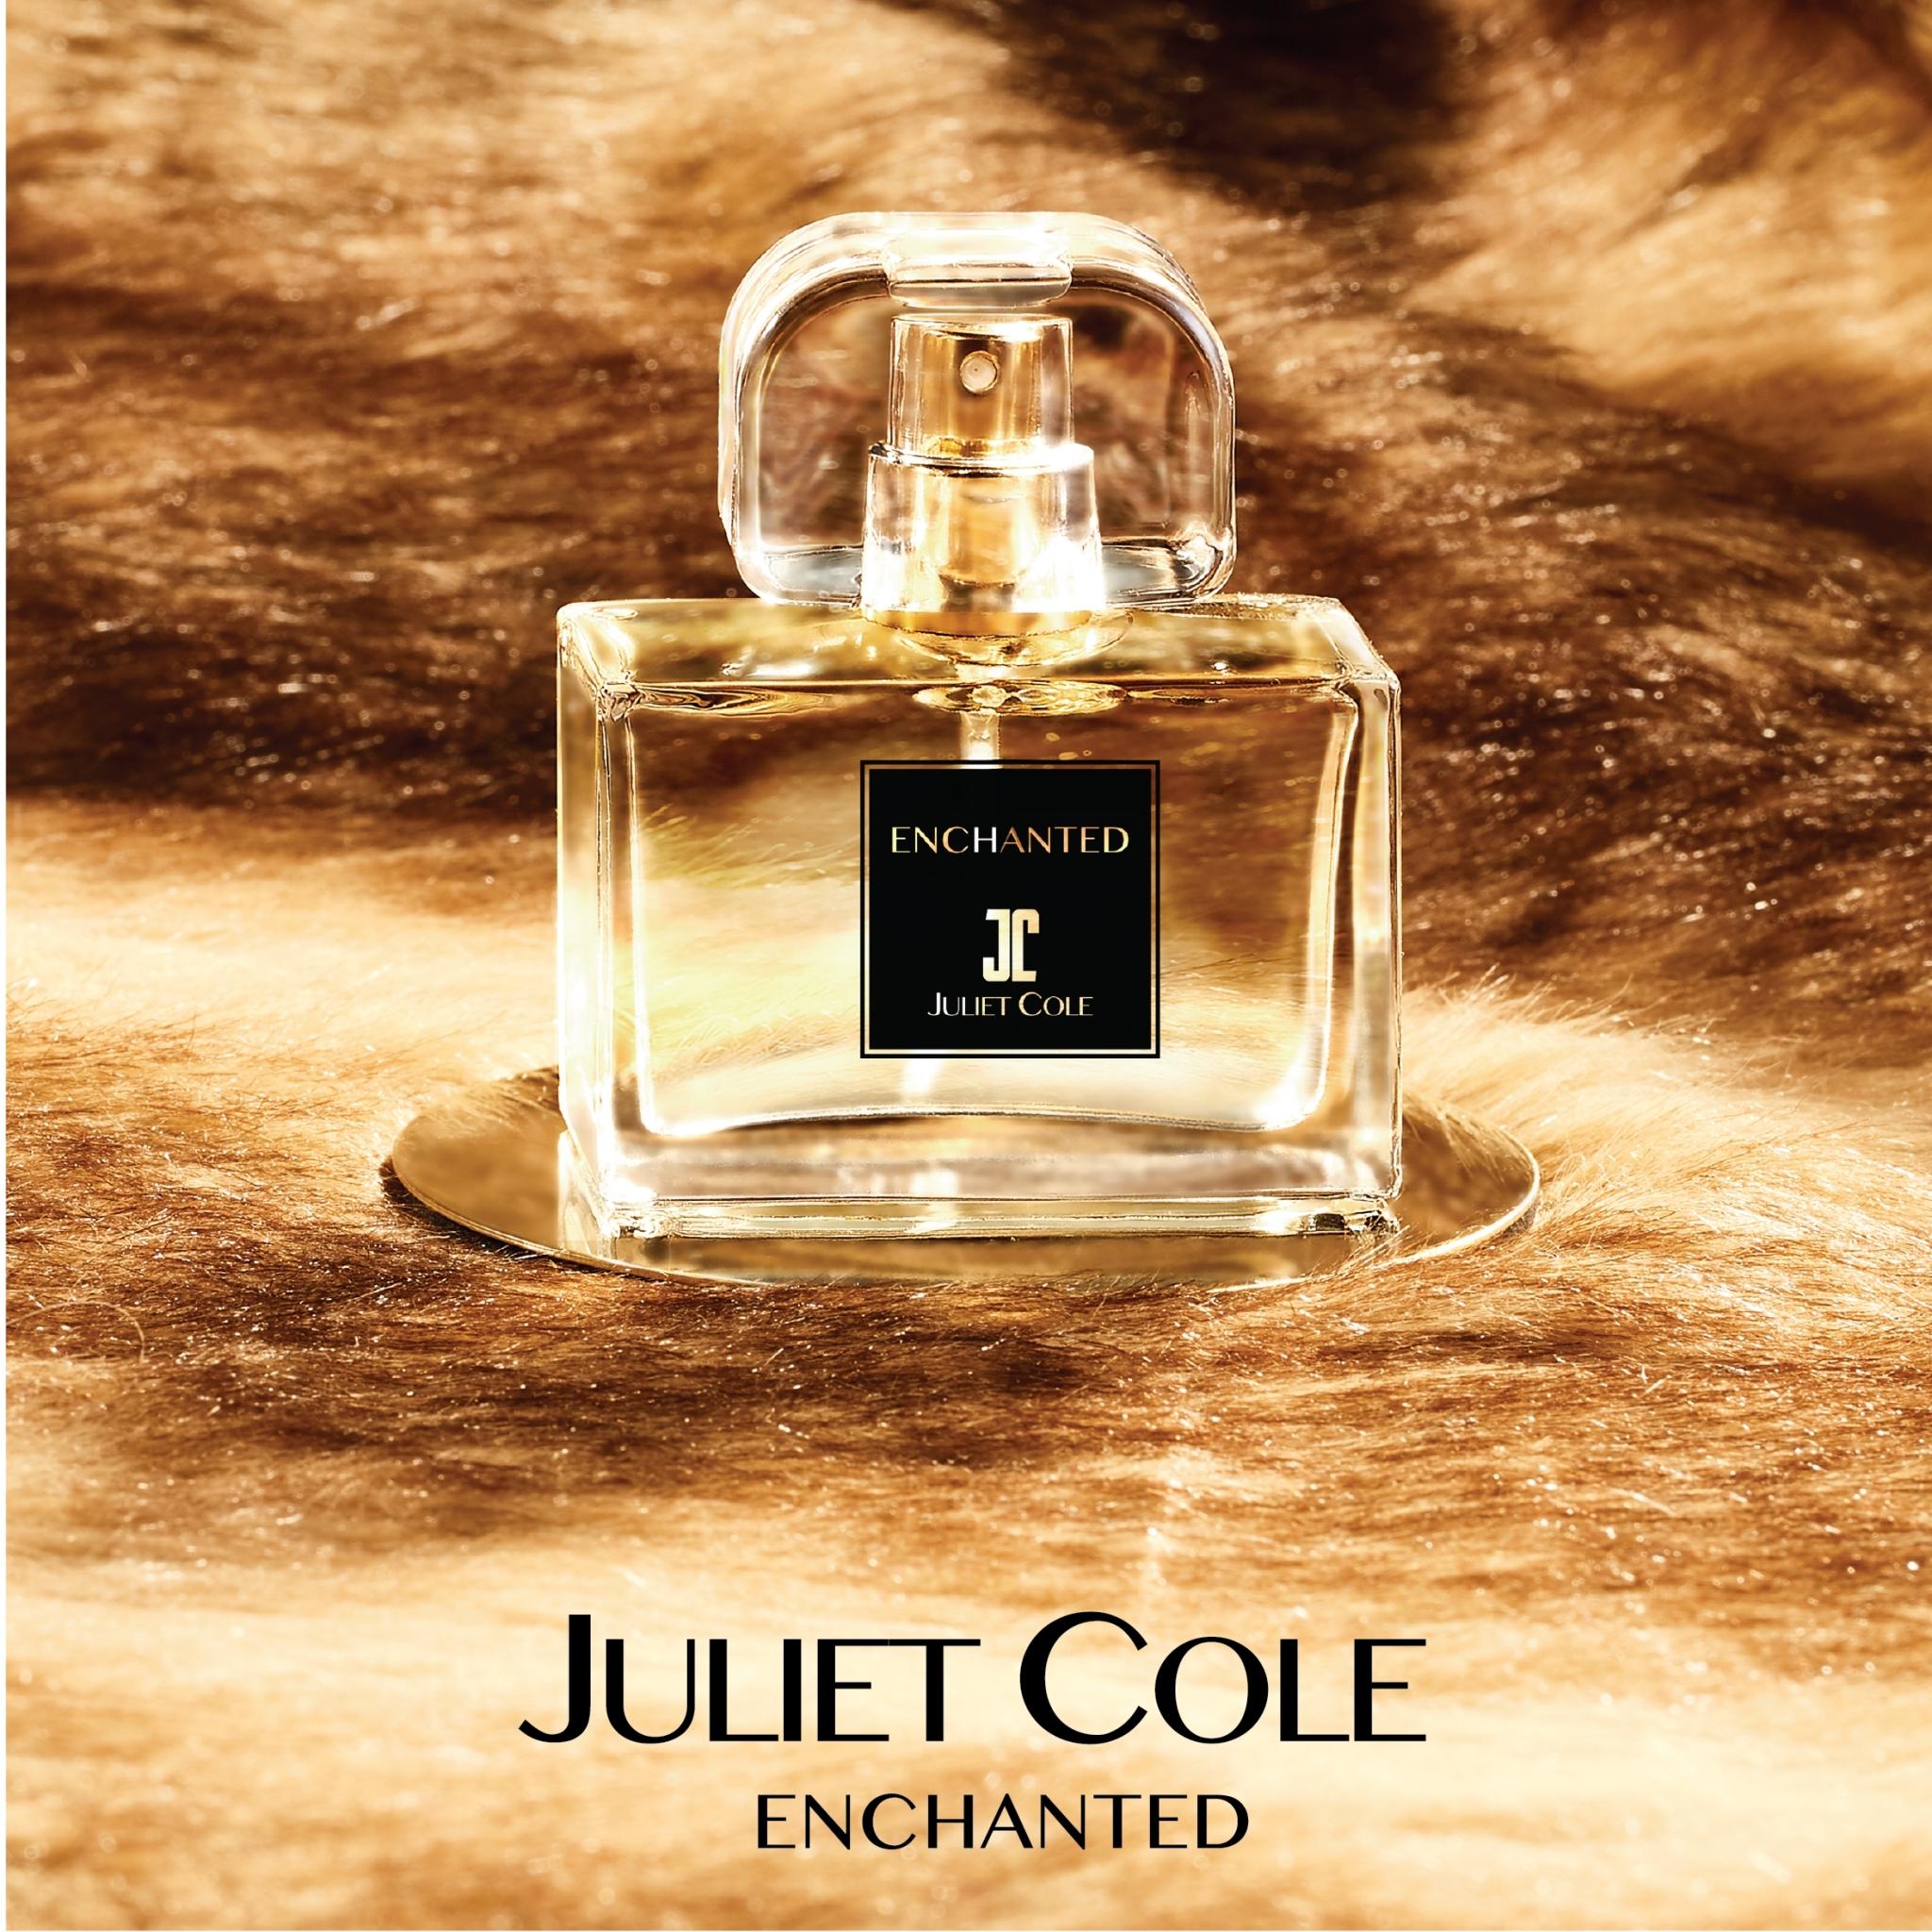 ผลการค้นหารูปภาพสำหรับ Juliet Cole Enchanted